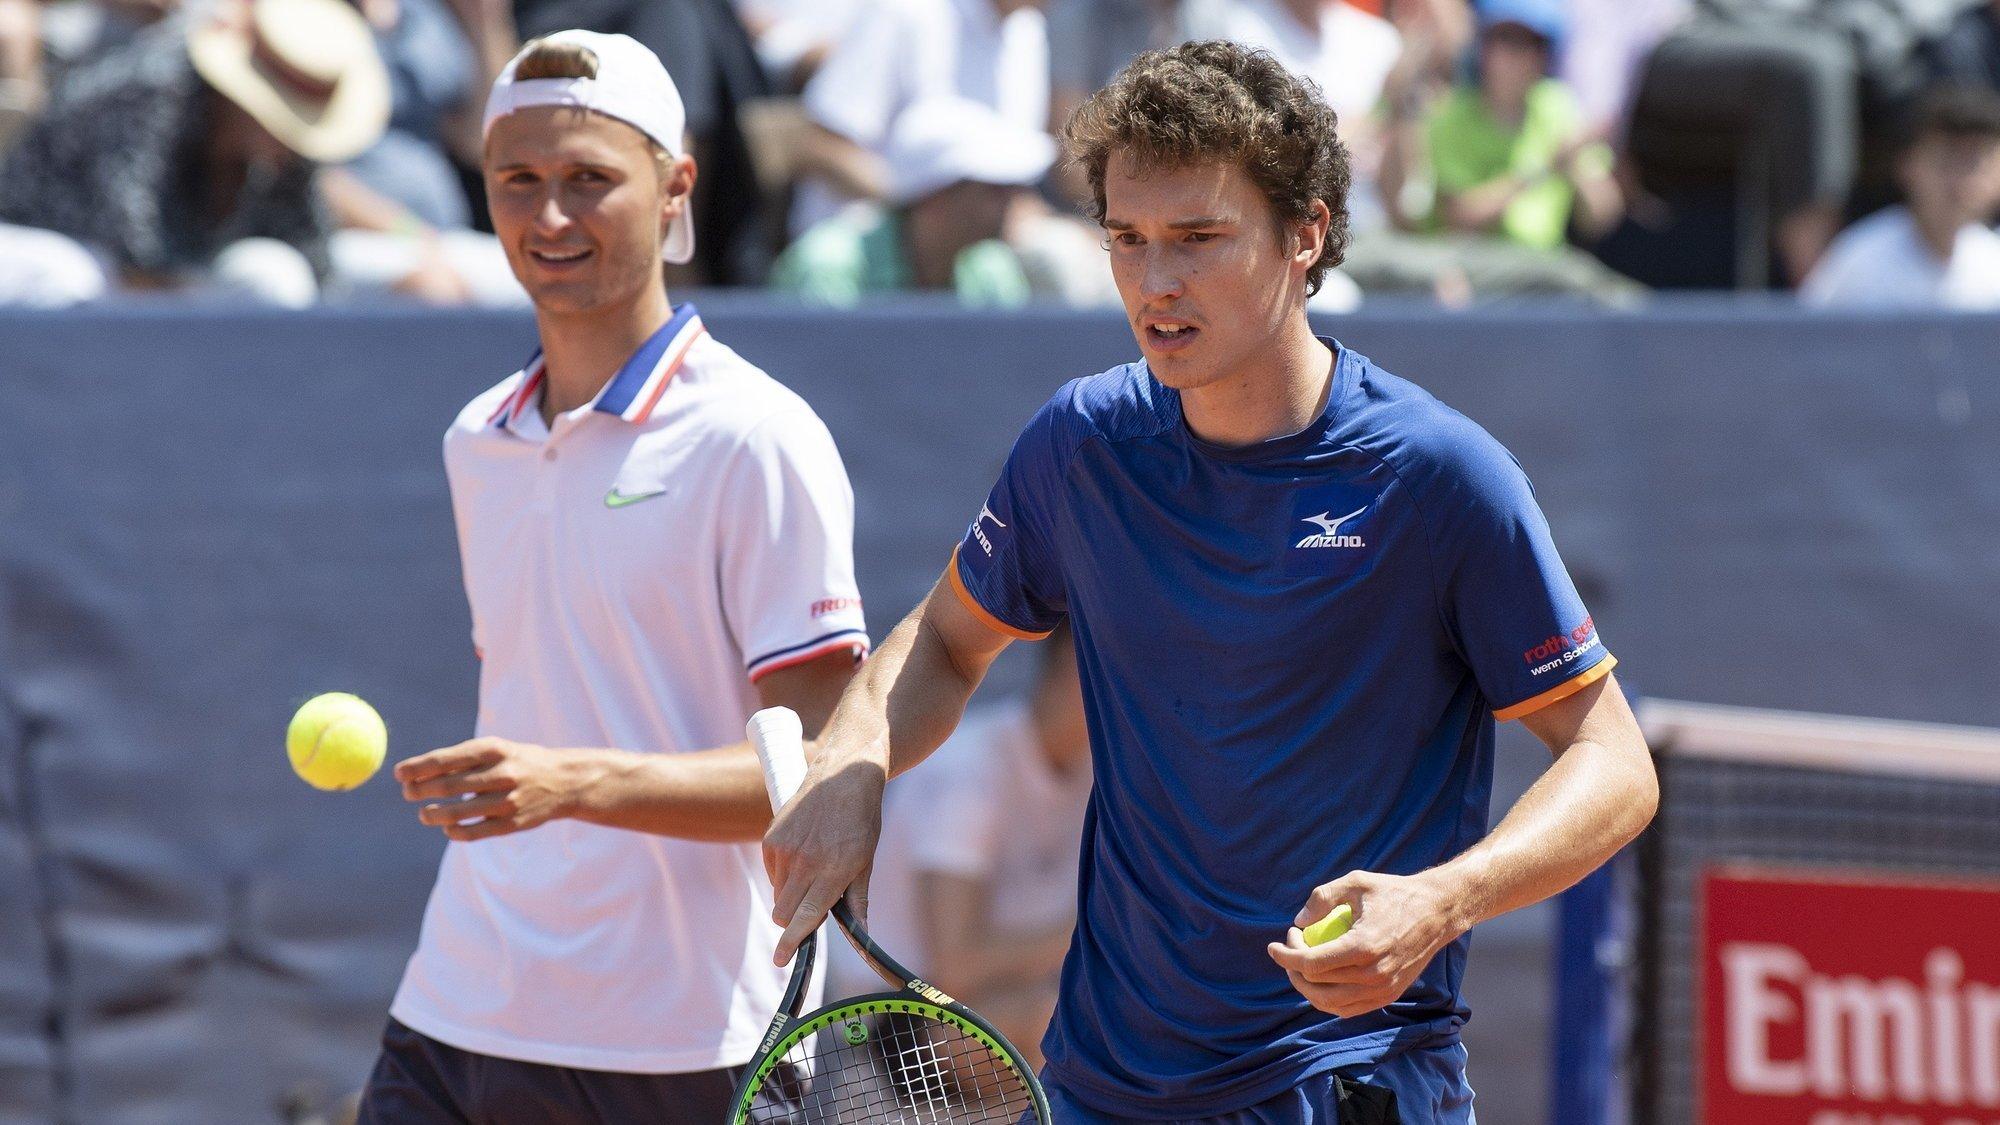 Leandro Riedi et Jakub Paul, deux des Suisses qui joueront sur les courts du TC Sierre.